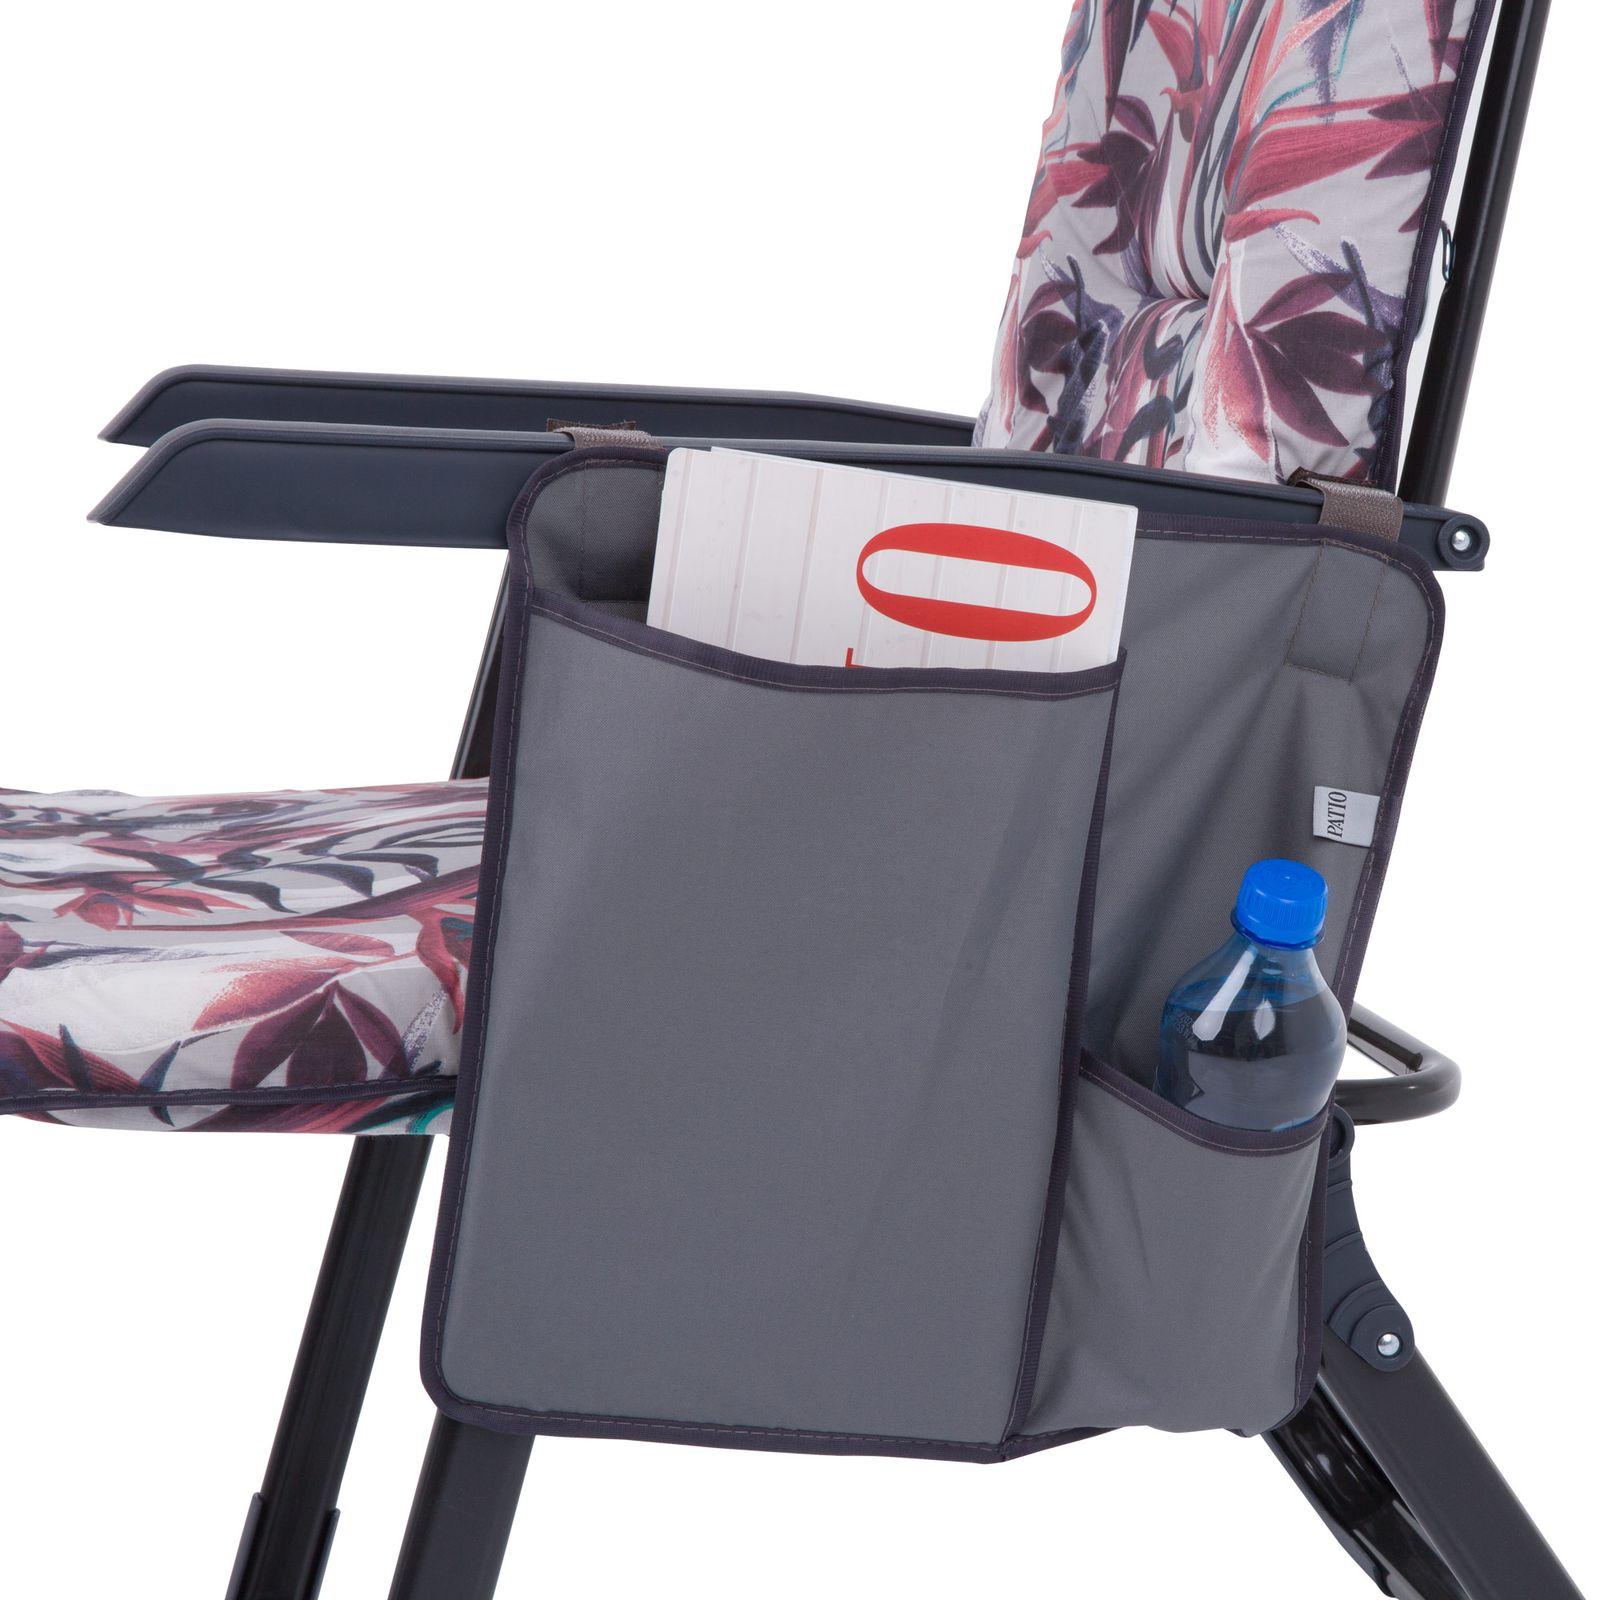 Przybornik na huśtawkę / fotel 35 x 35 cm D031-35CW PATIO